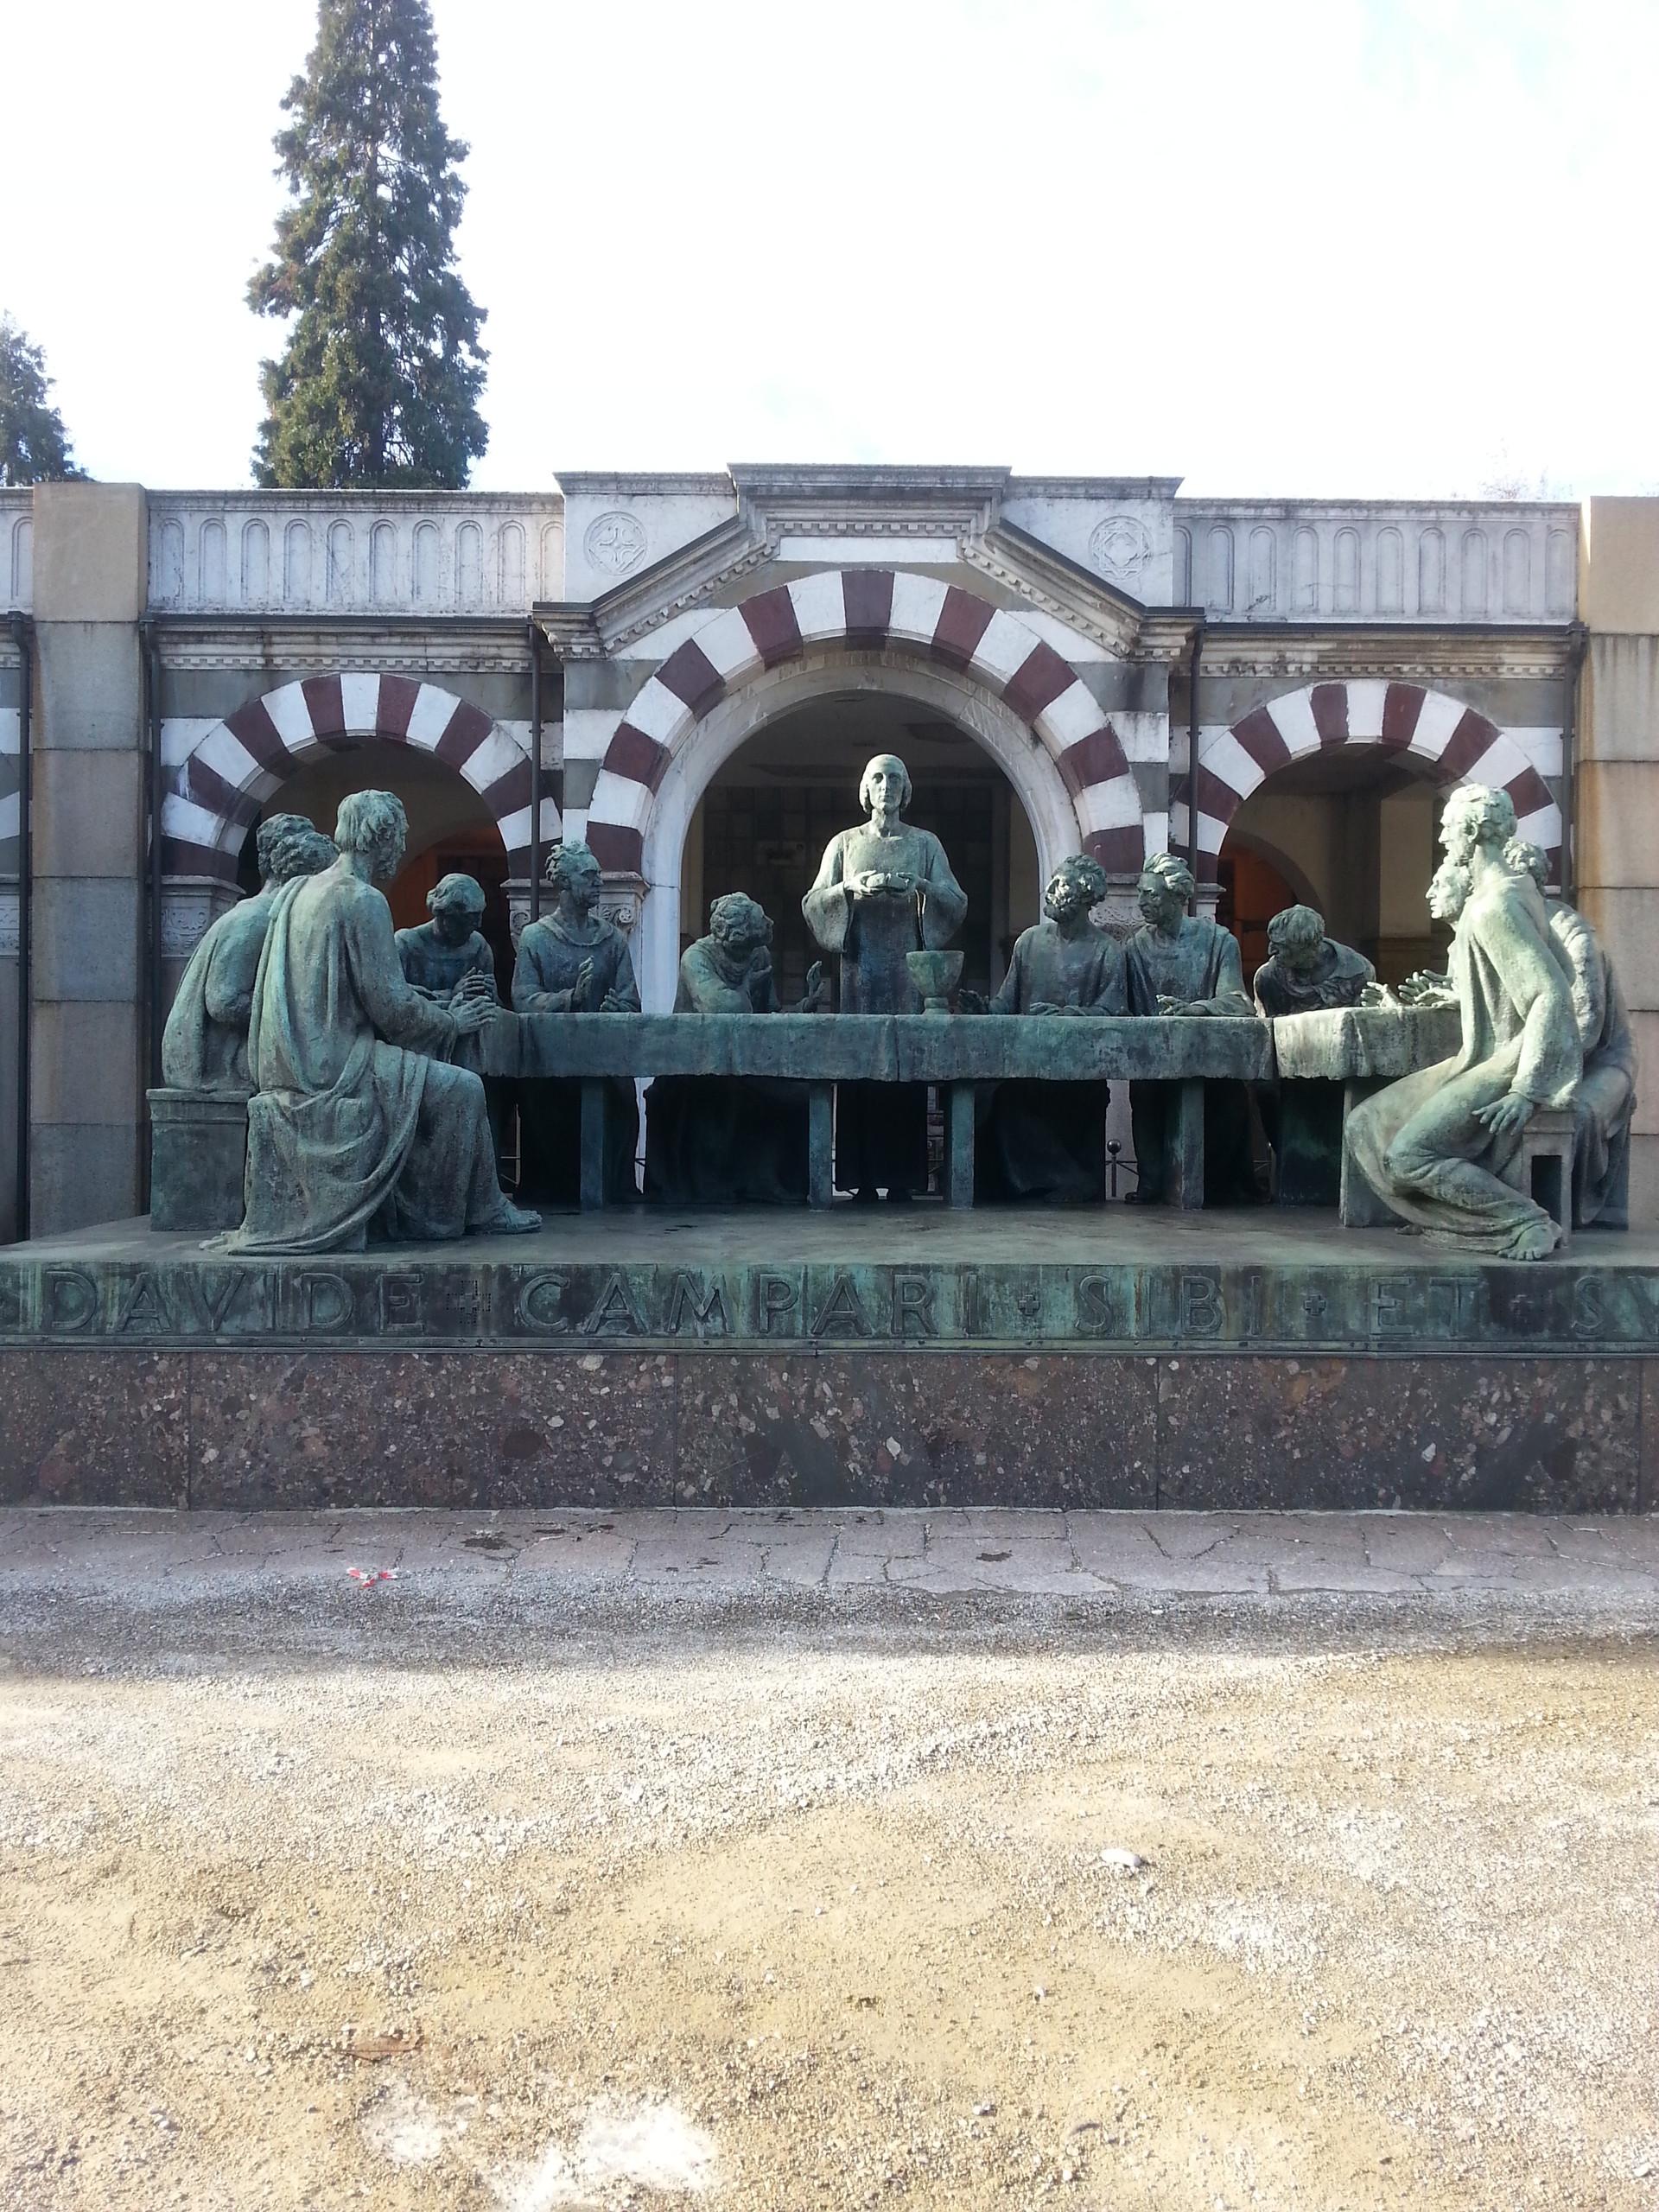 cementerio-monumental-1fdfeb4b3c4cce3177